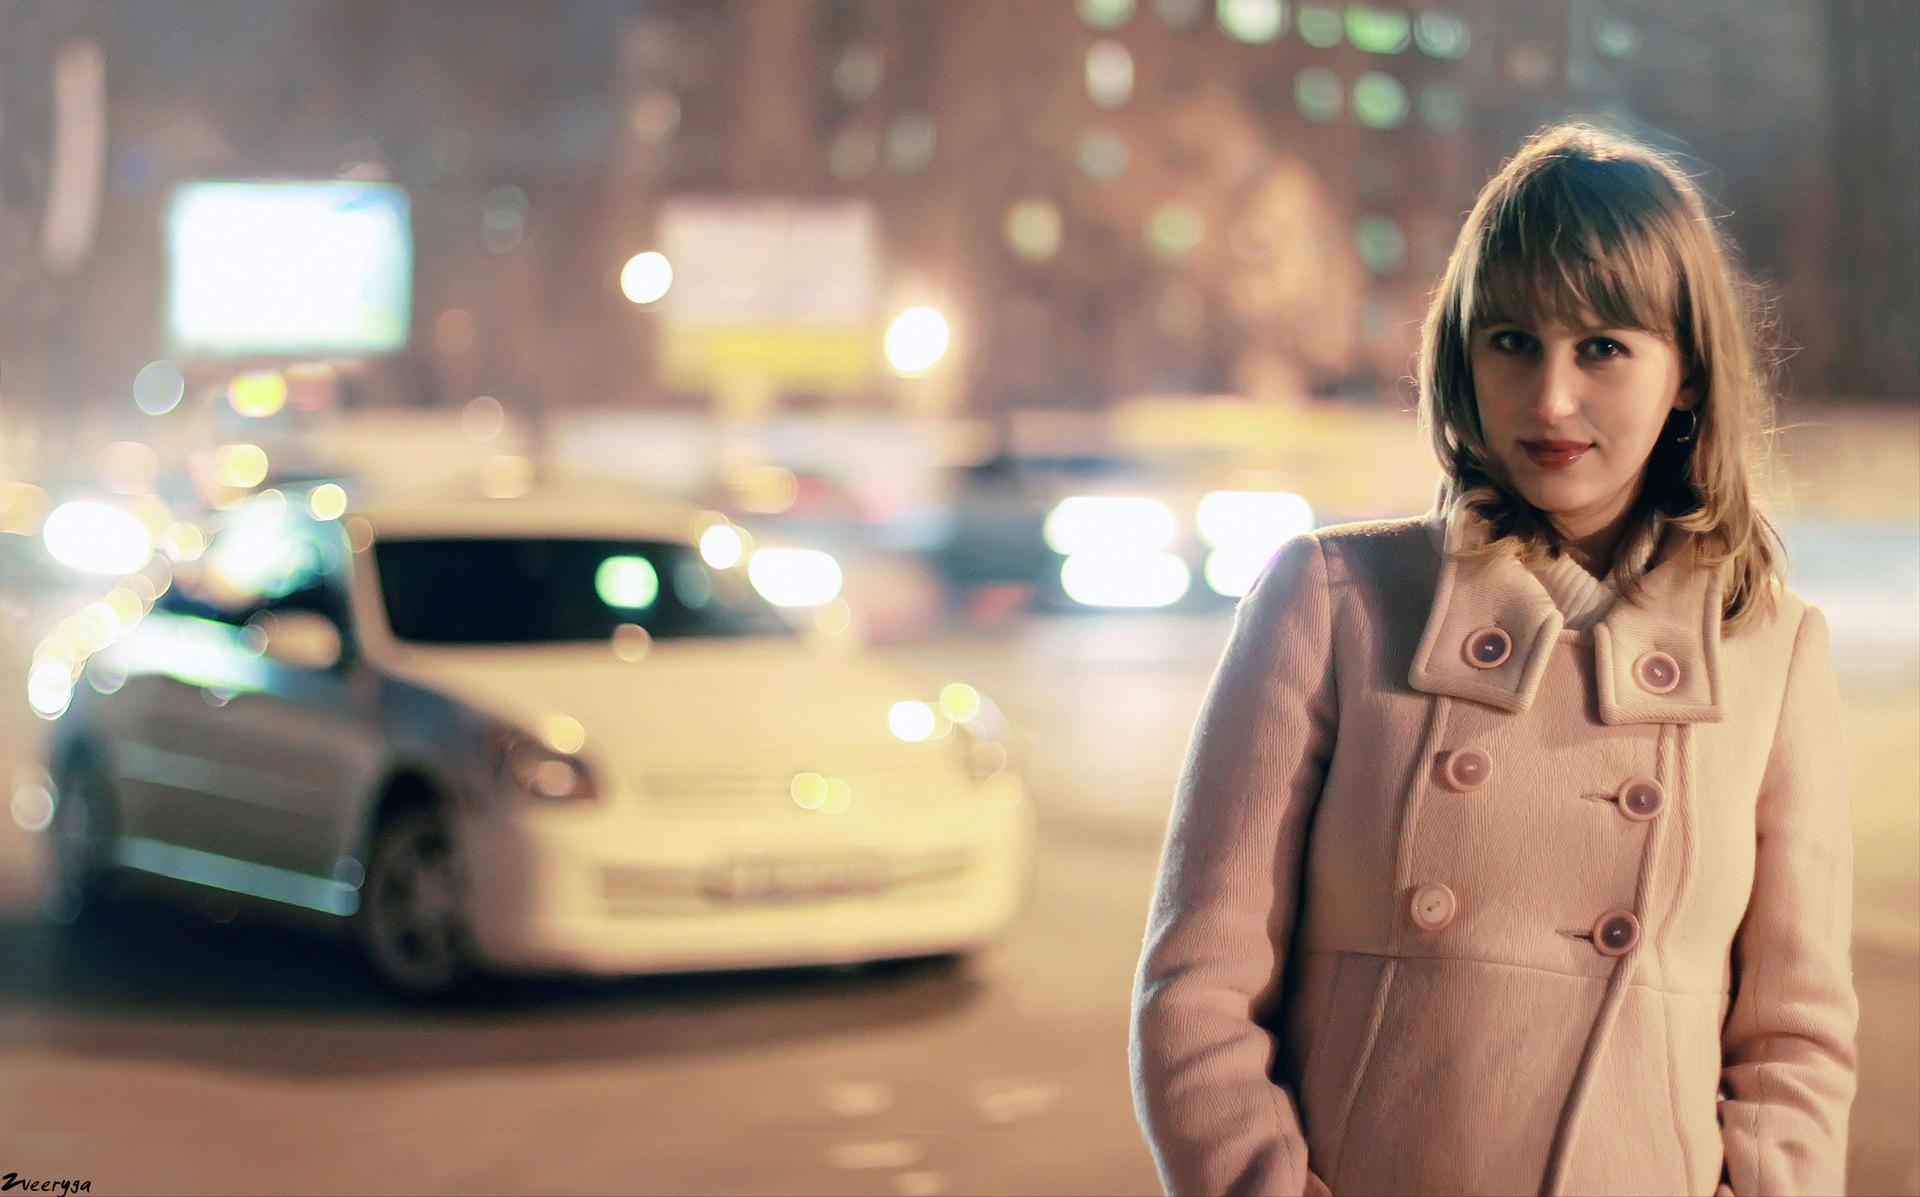 нет настройки фото в вечернее время сити уникальный